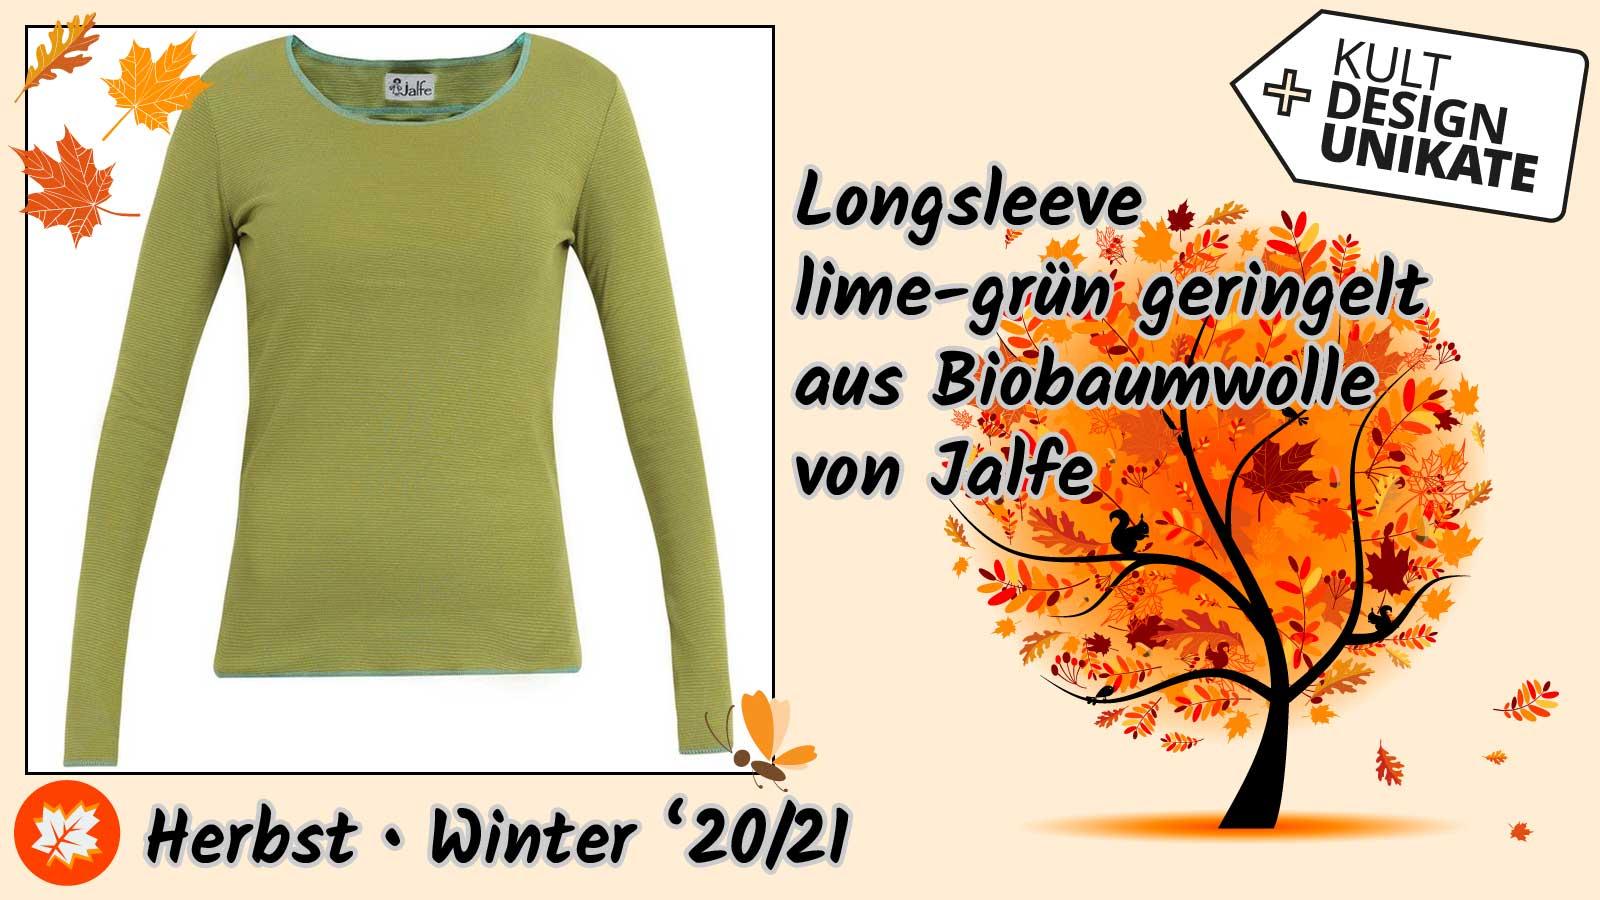 Jalfe-Longsleeve-lime-gruen-geringelt